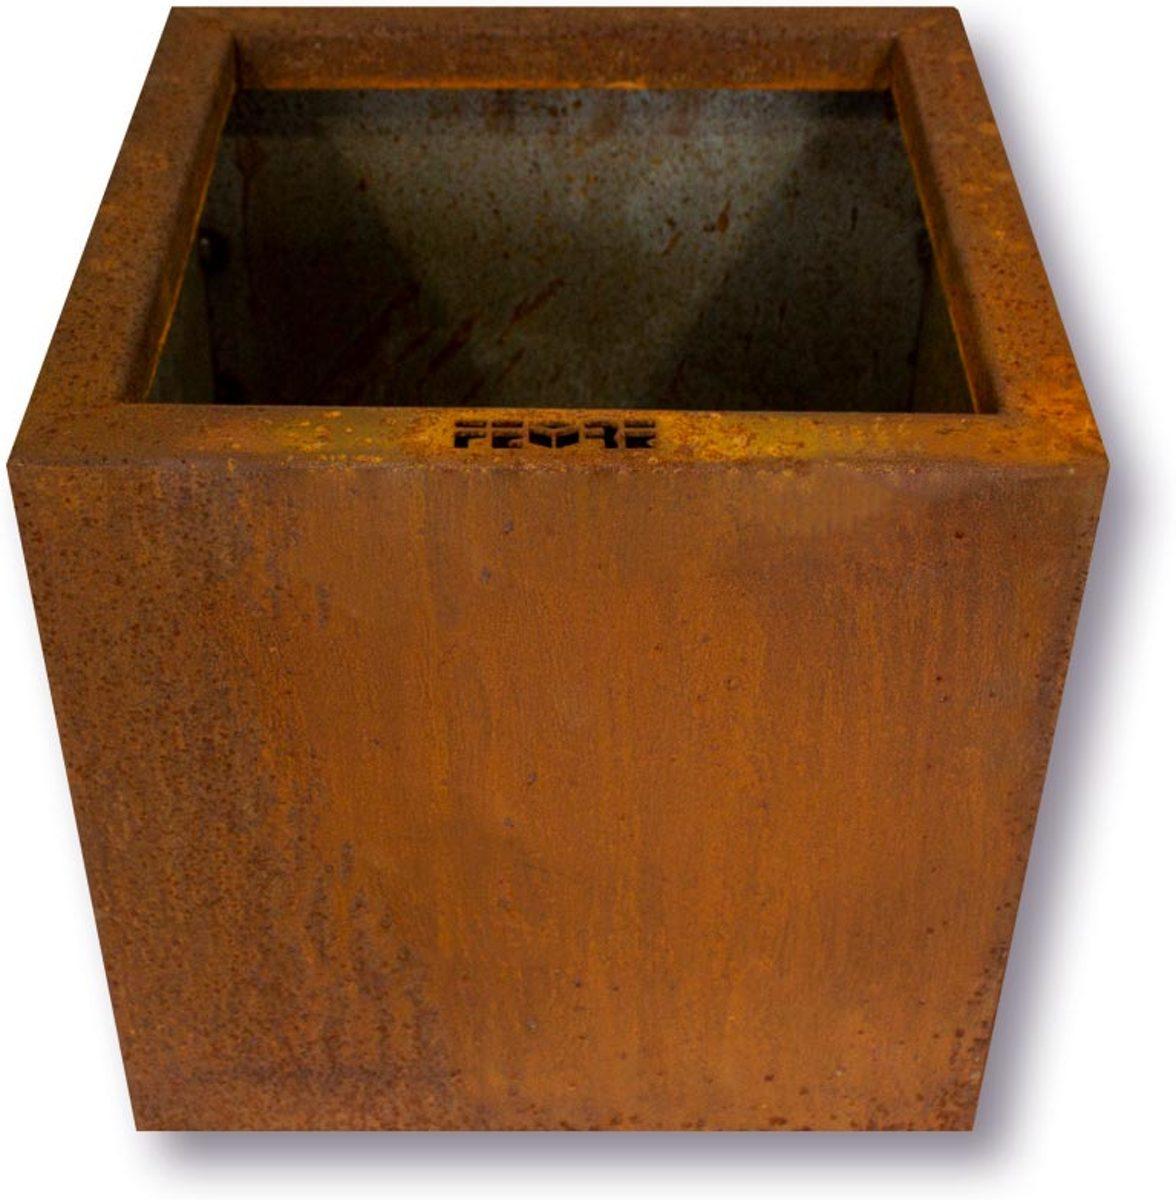 FeOre Cubo 30x30x30 - cortenstaal (metaal) bloembak / plantenbak / bloempot